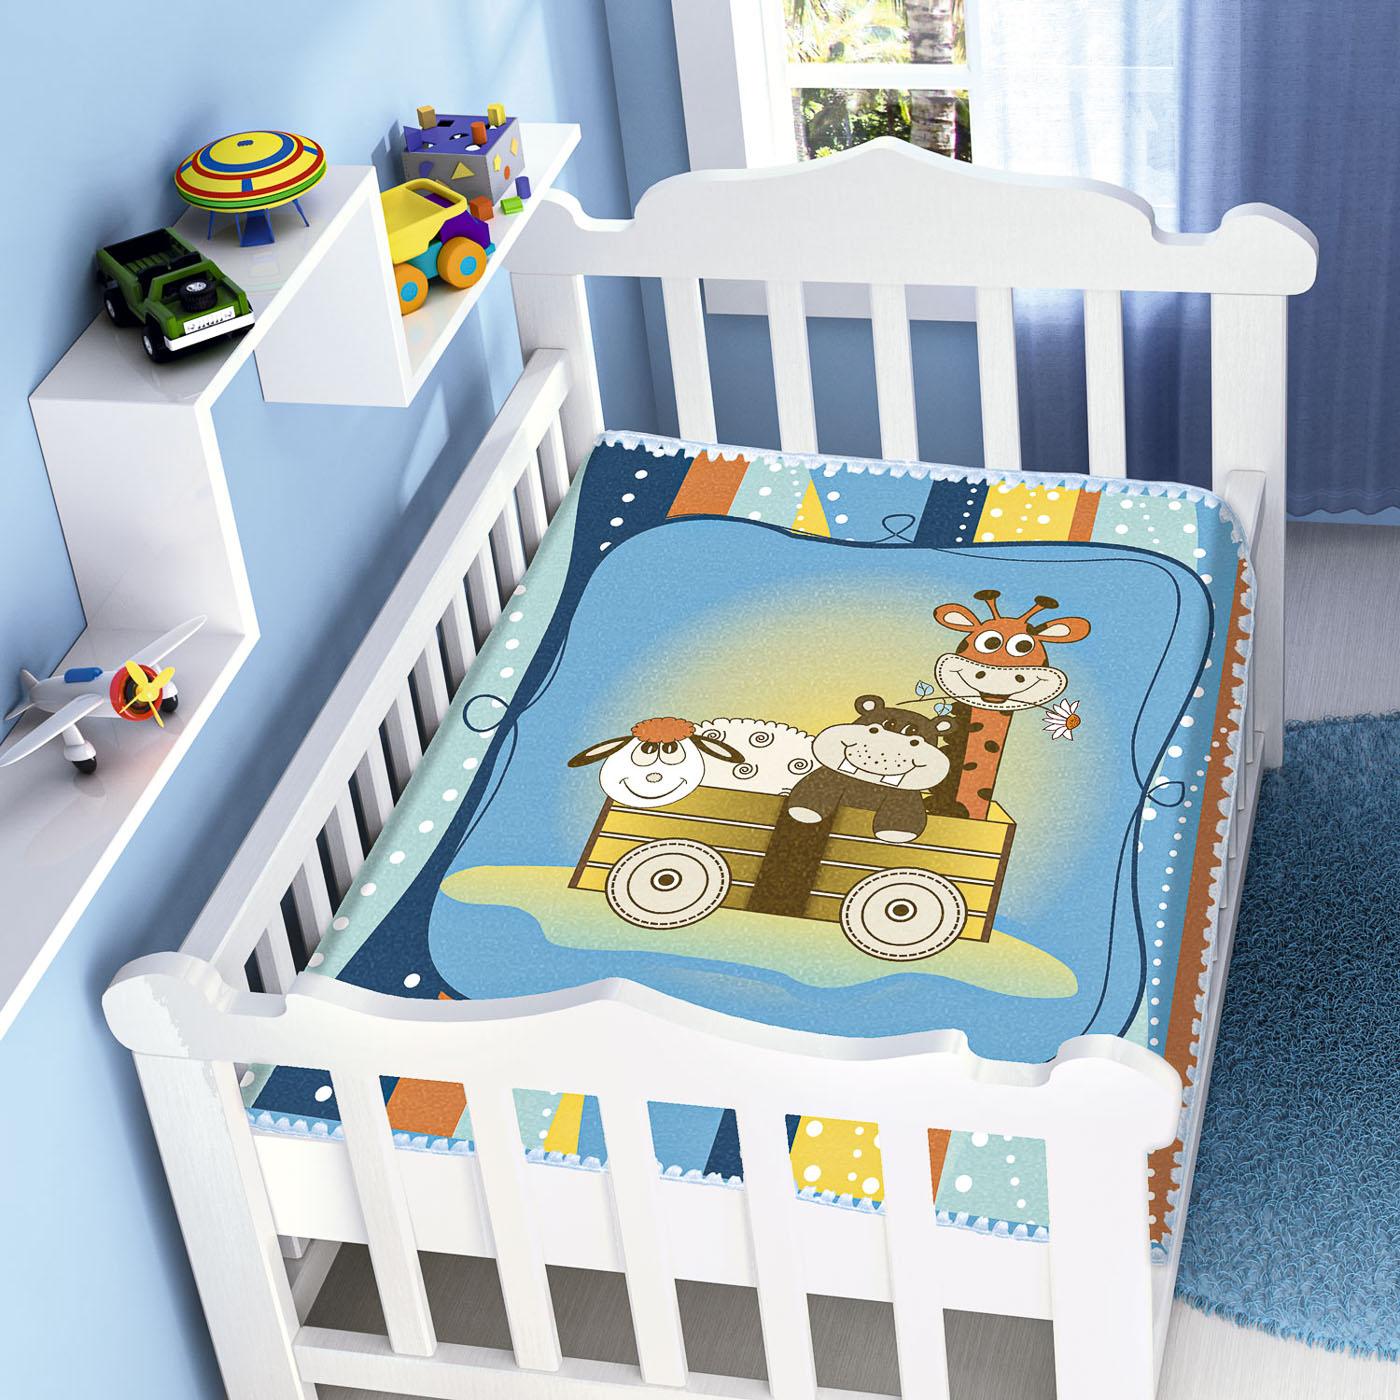 Cobertor Bebê Infantil Jolitex Raschel 0,90x1,10m Bichinhos Azul